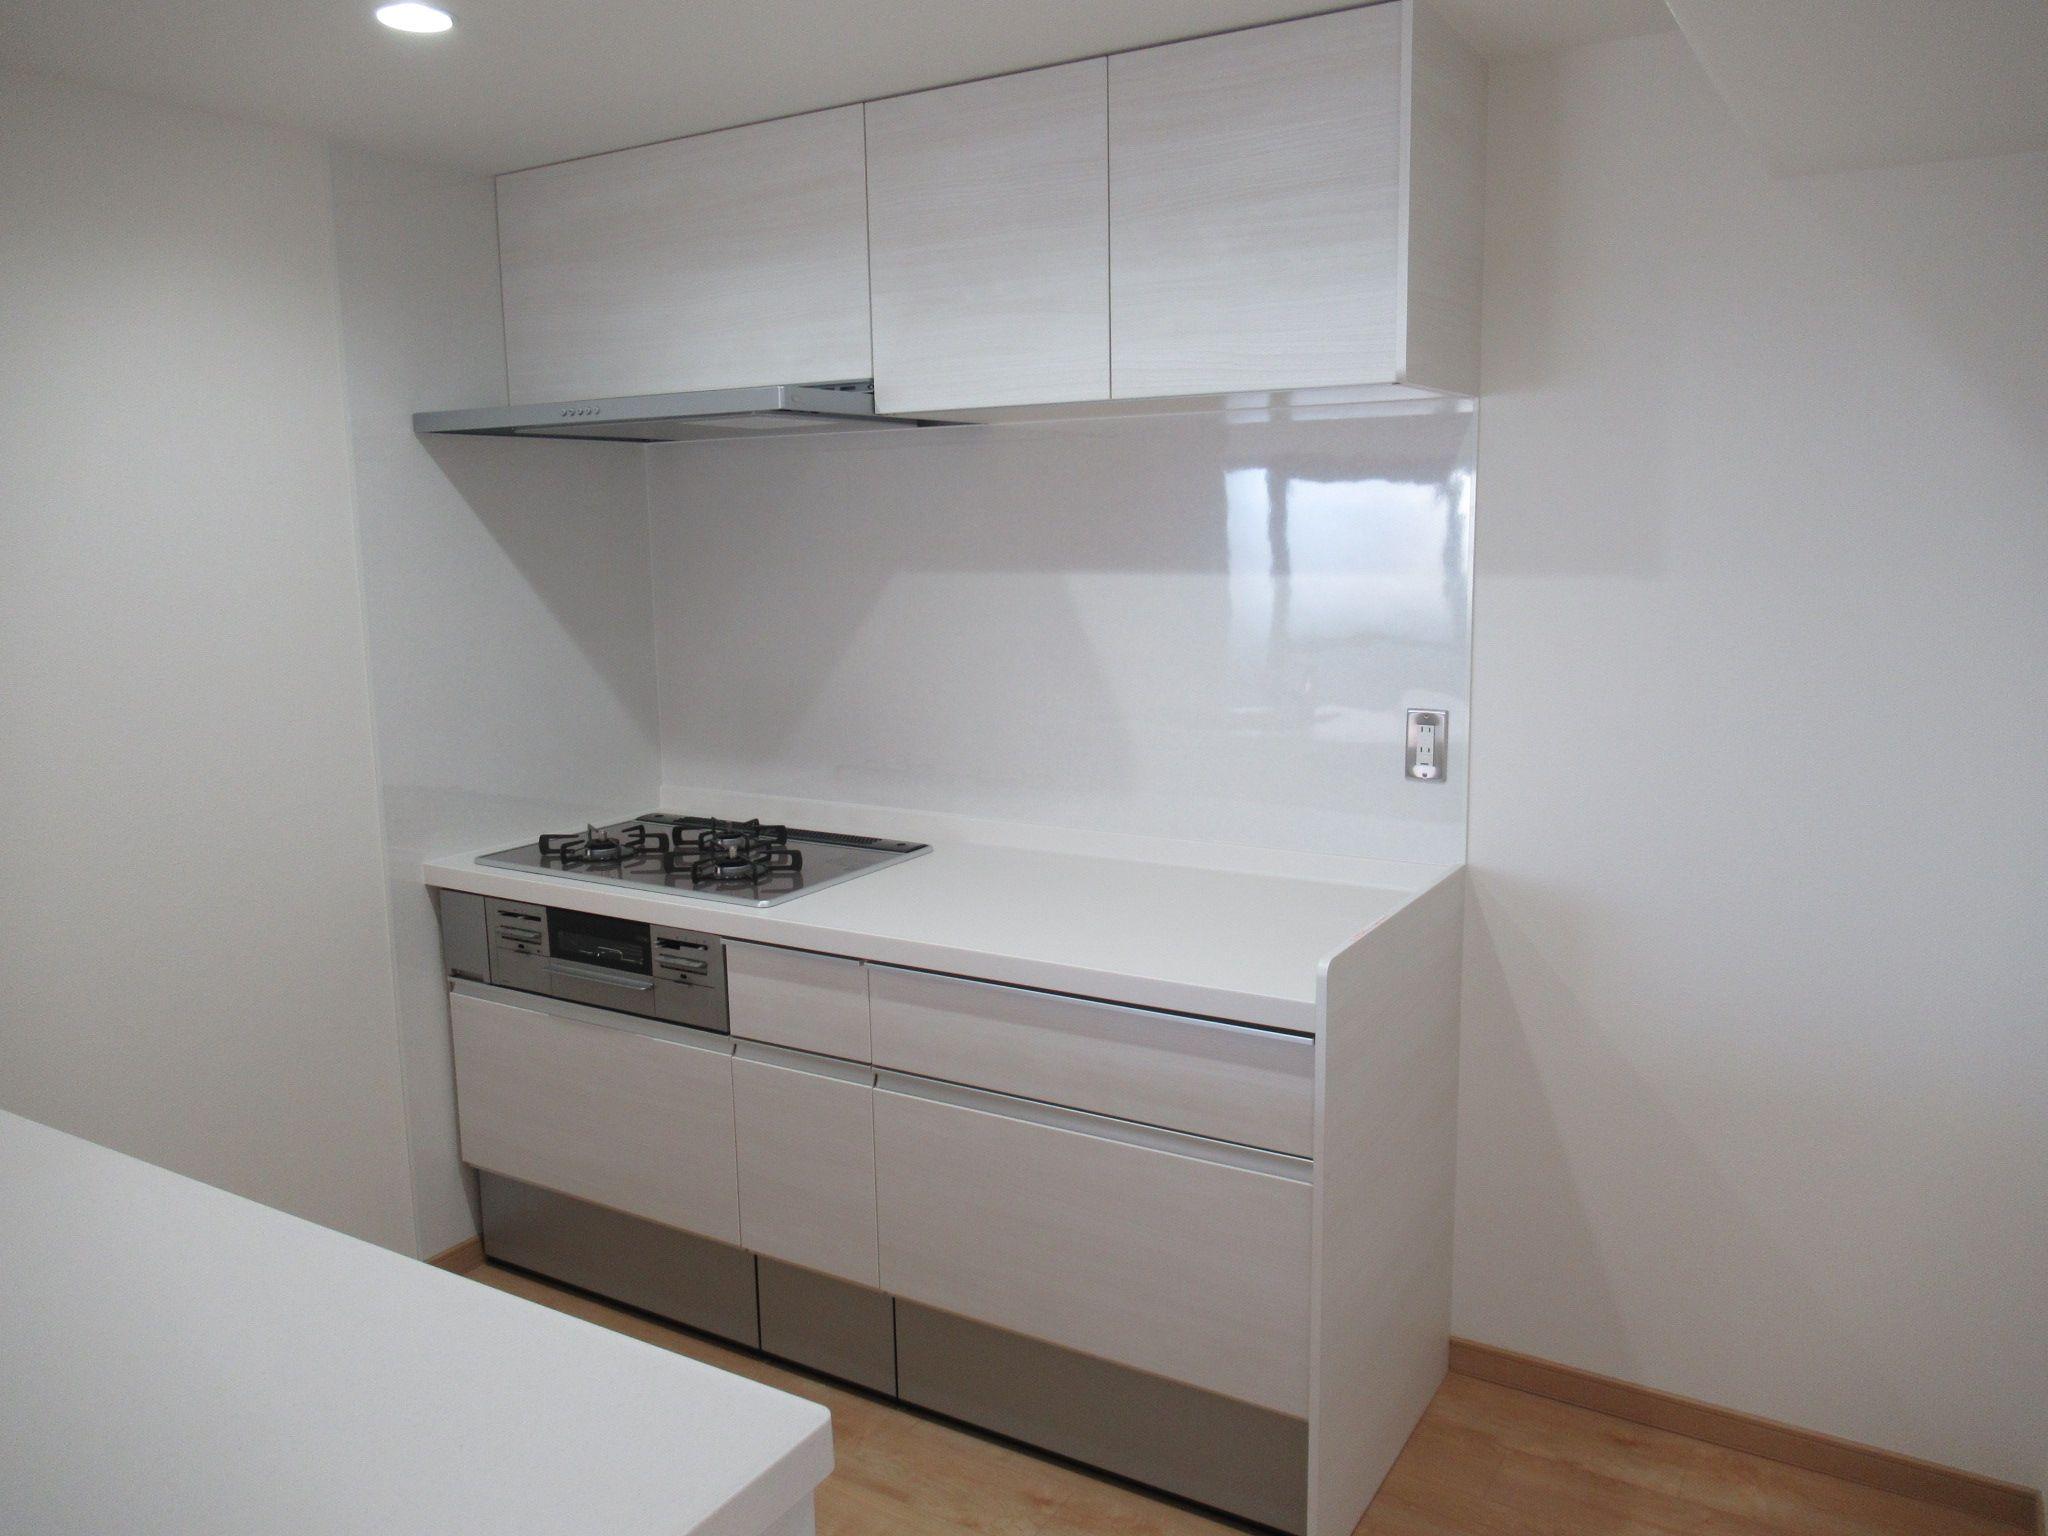 リクシルの2列型のキッチン シエラです カラーはクリエアイボリーです キッチン リクシル シエラ クリエアイボリー 2列型 キッチン リクシル リフォーム 施工事例